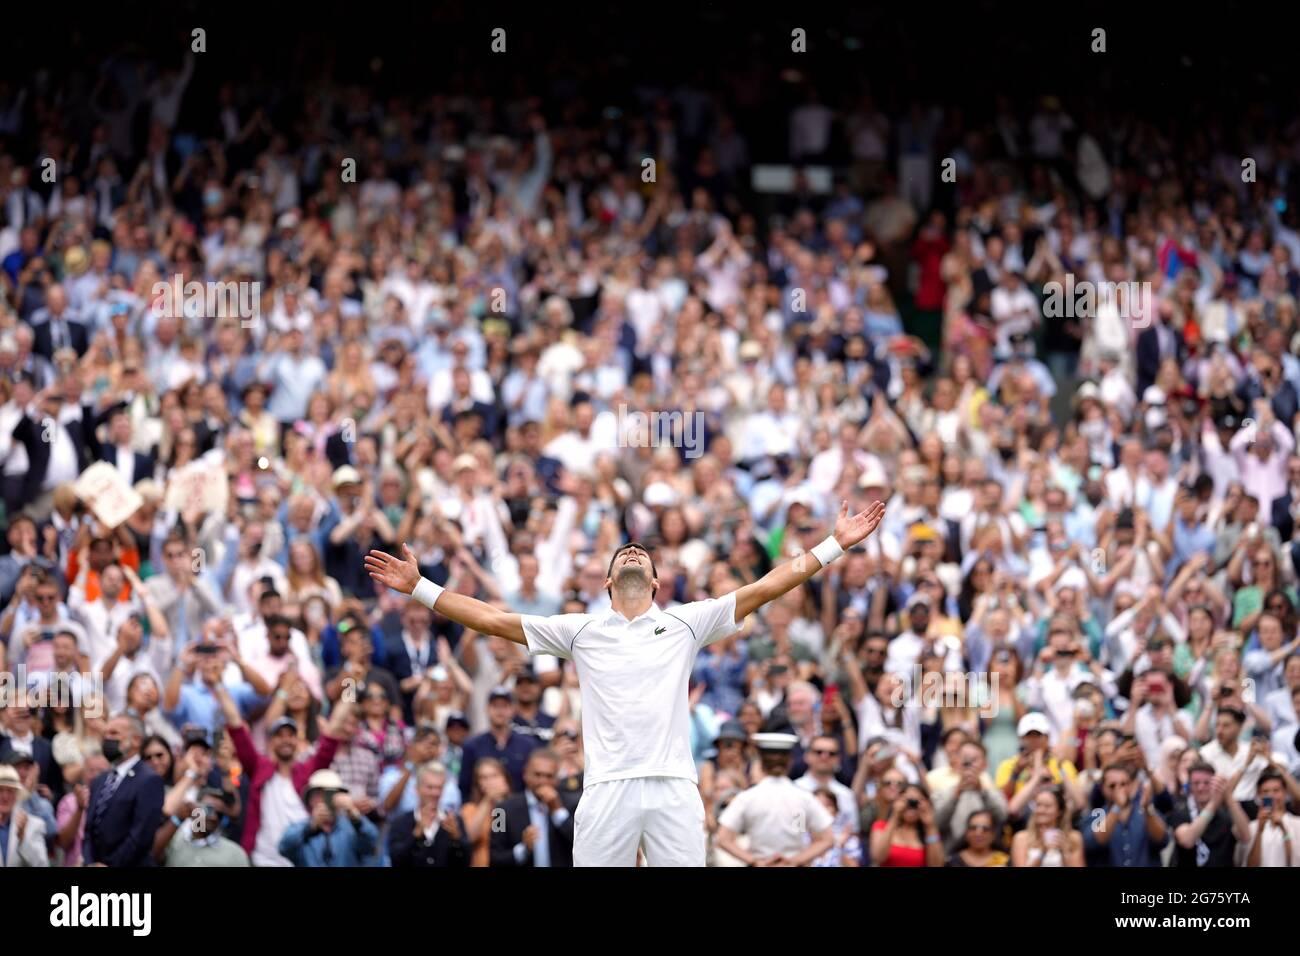 Novak Djokovic festeggia la vittoria della finale di Gentlemen's Singles contro Matteo Berrettini il tredici° giorno di Wimbledon all'All England Lawn Tennis and Croquet Club di Wimbledon. Data immagine: Domenica 11 luglio 2021. Foto Stock